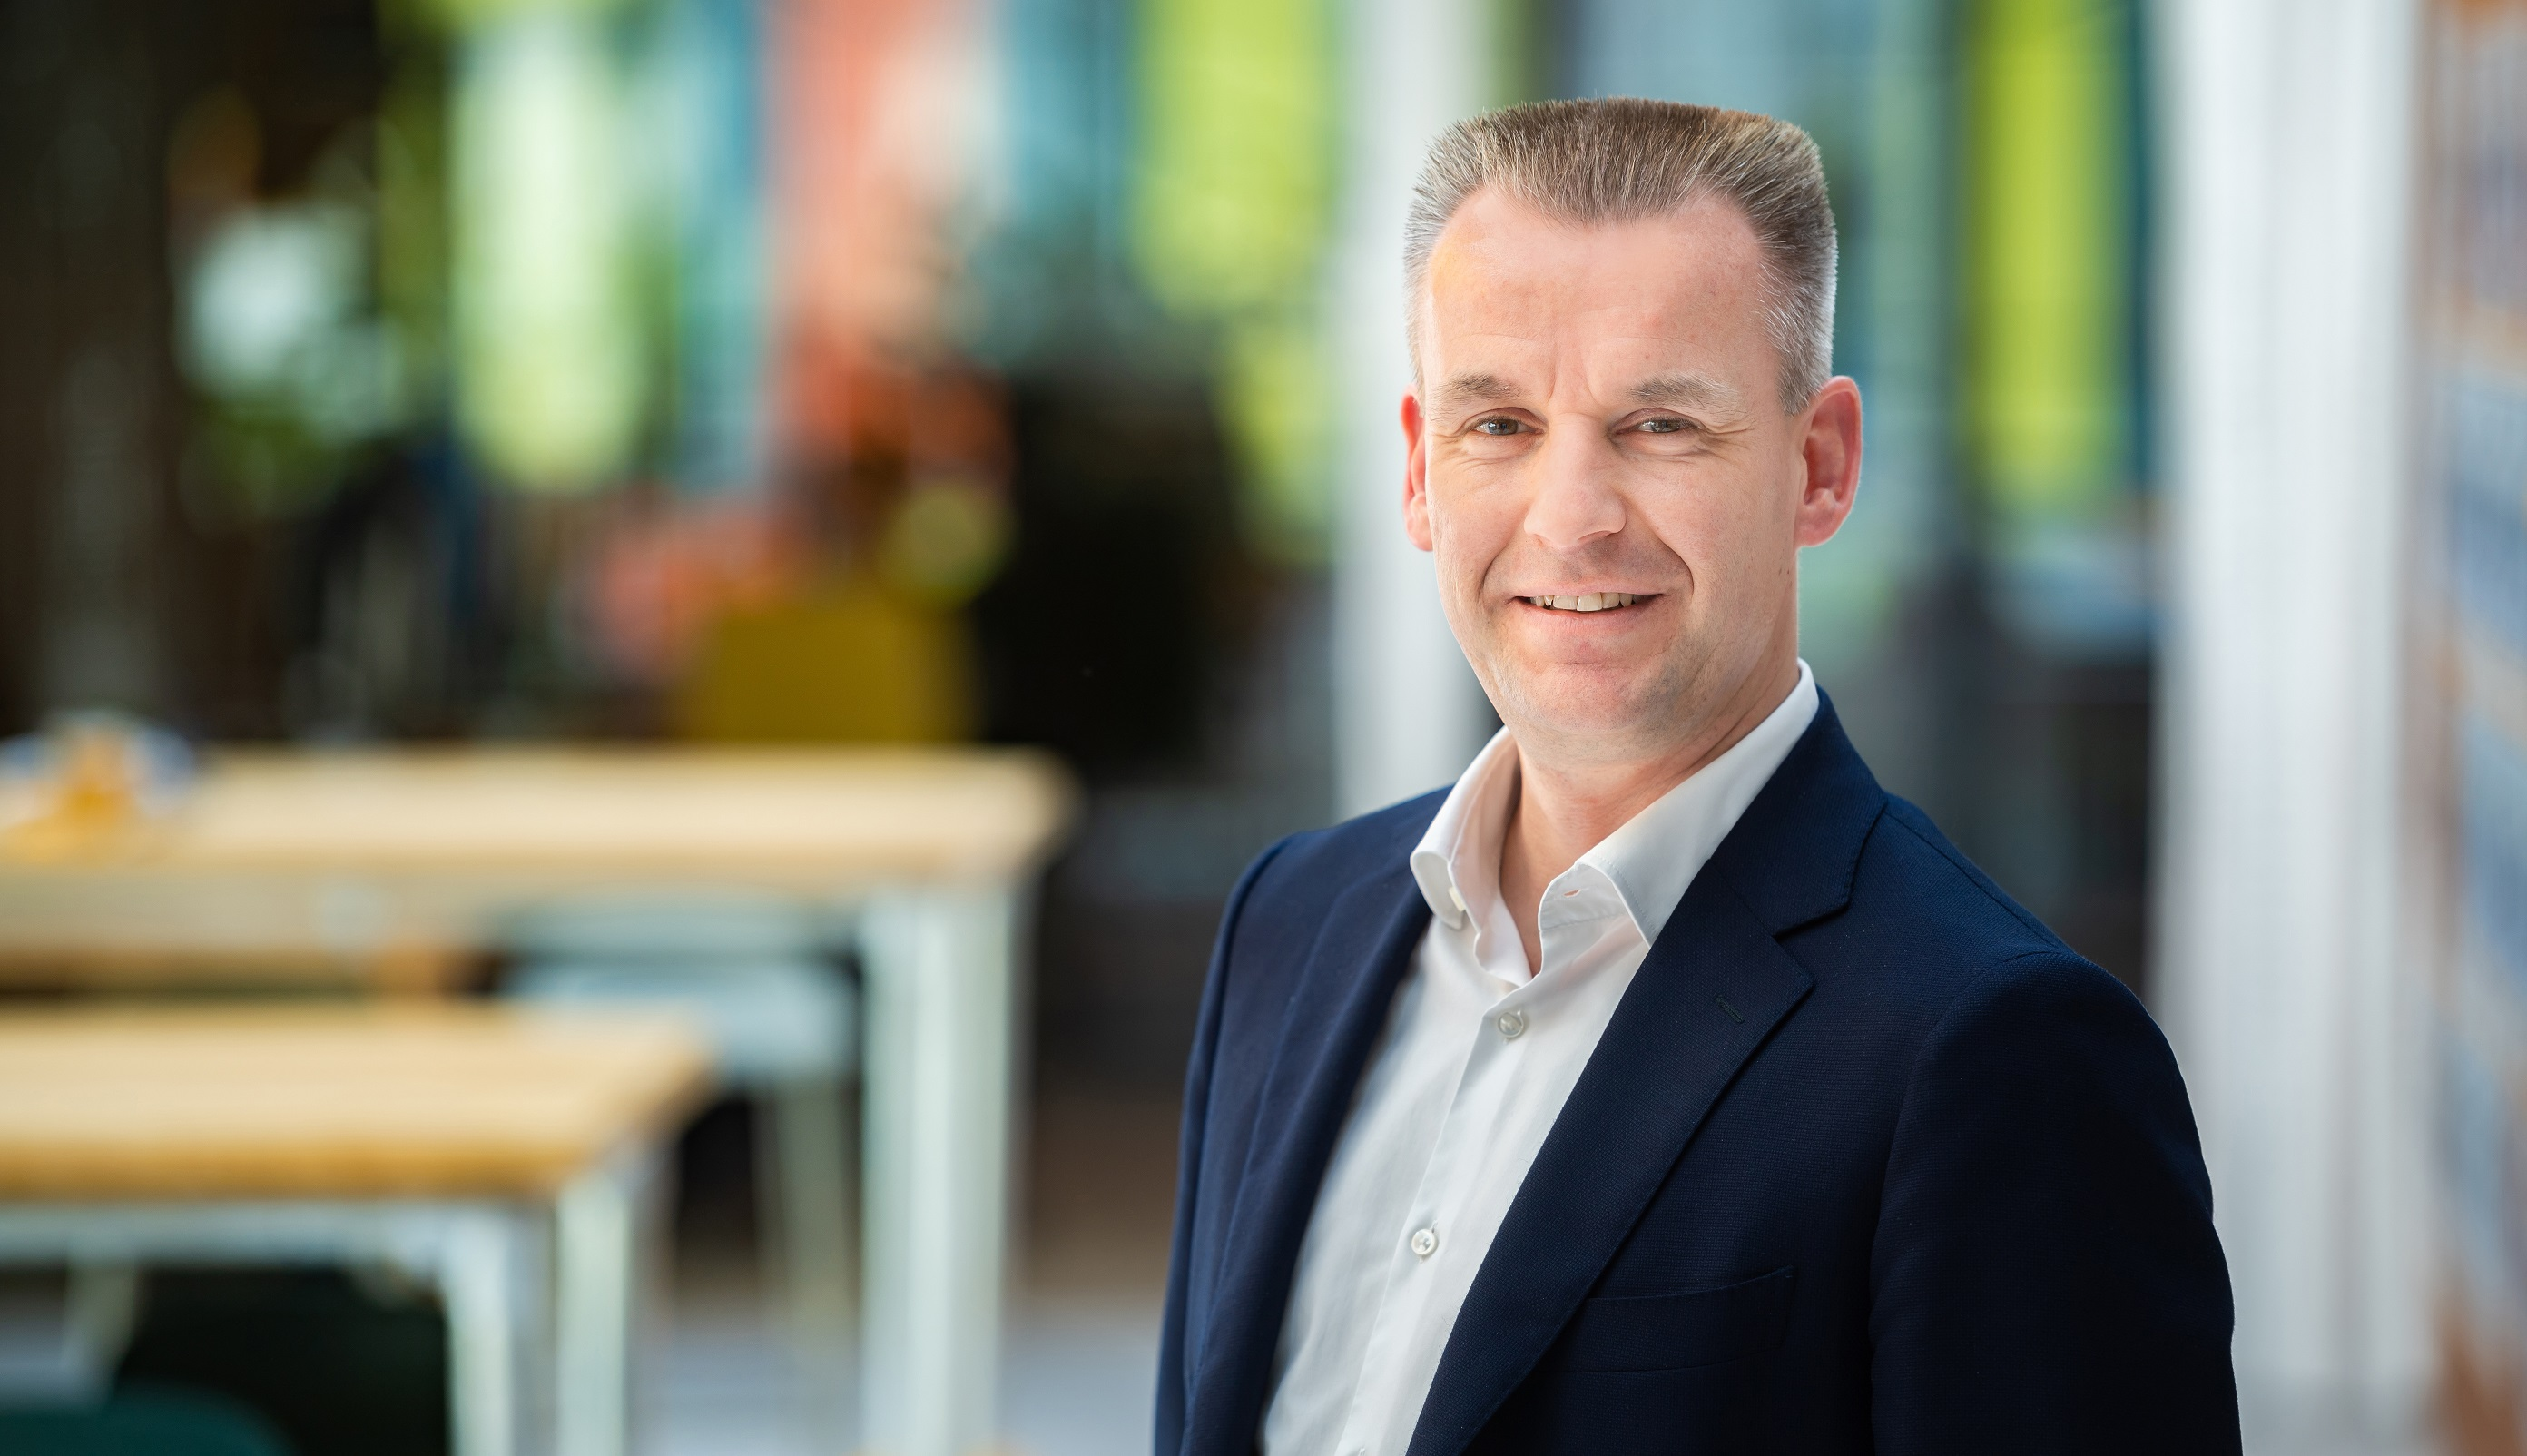 Lietuvoje veikianti IT bendrovė pripažinta vienu iš geriausių darbdavių Olandijoje